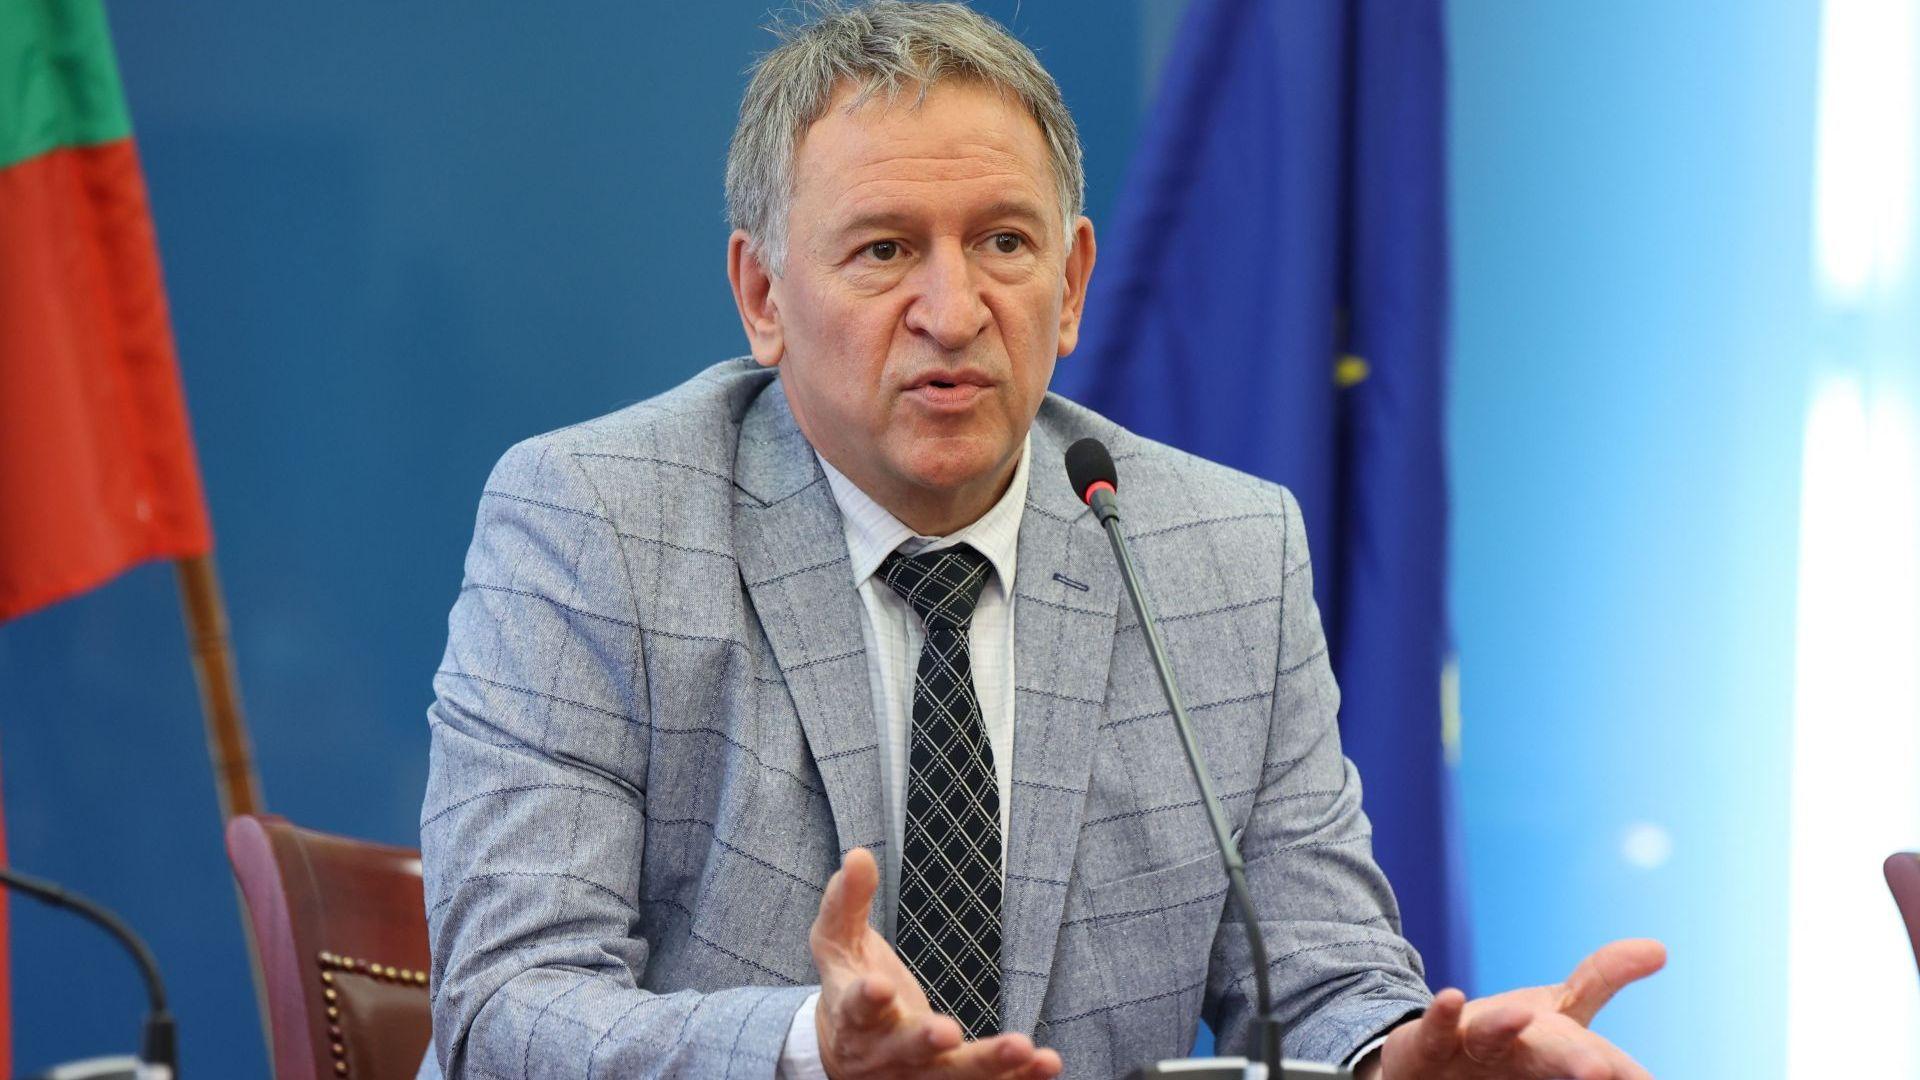 Ако му разрешат реформа, Кацаров може да остане и редовен здравен министър